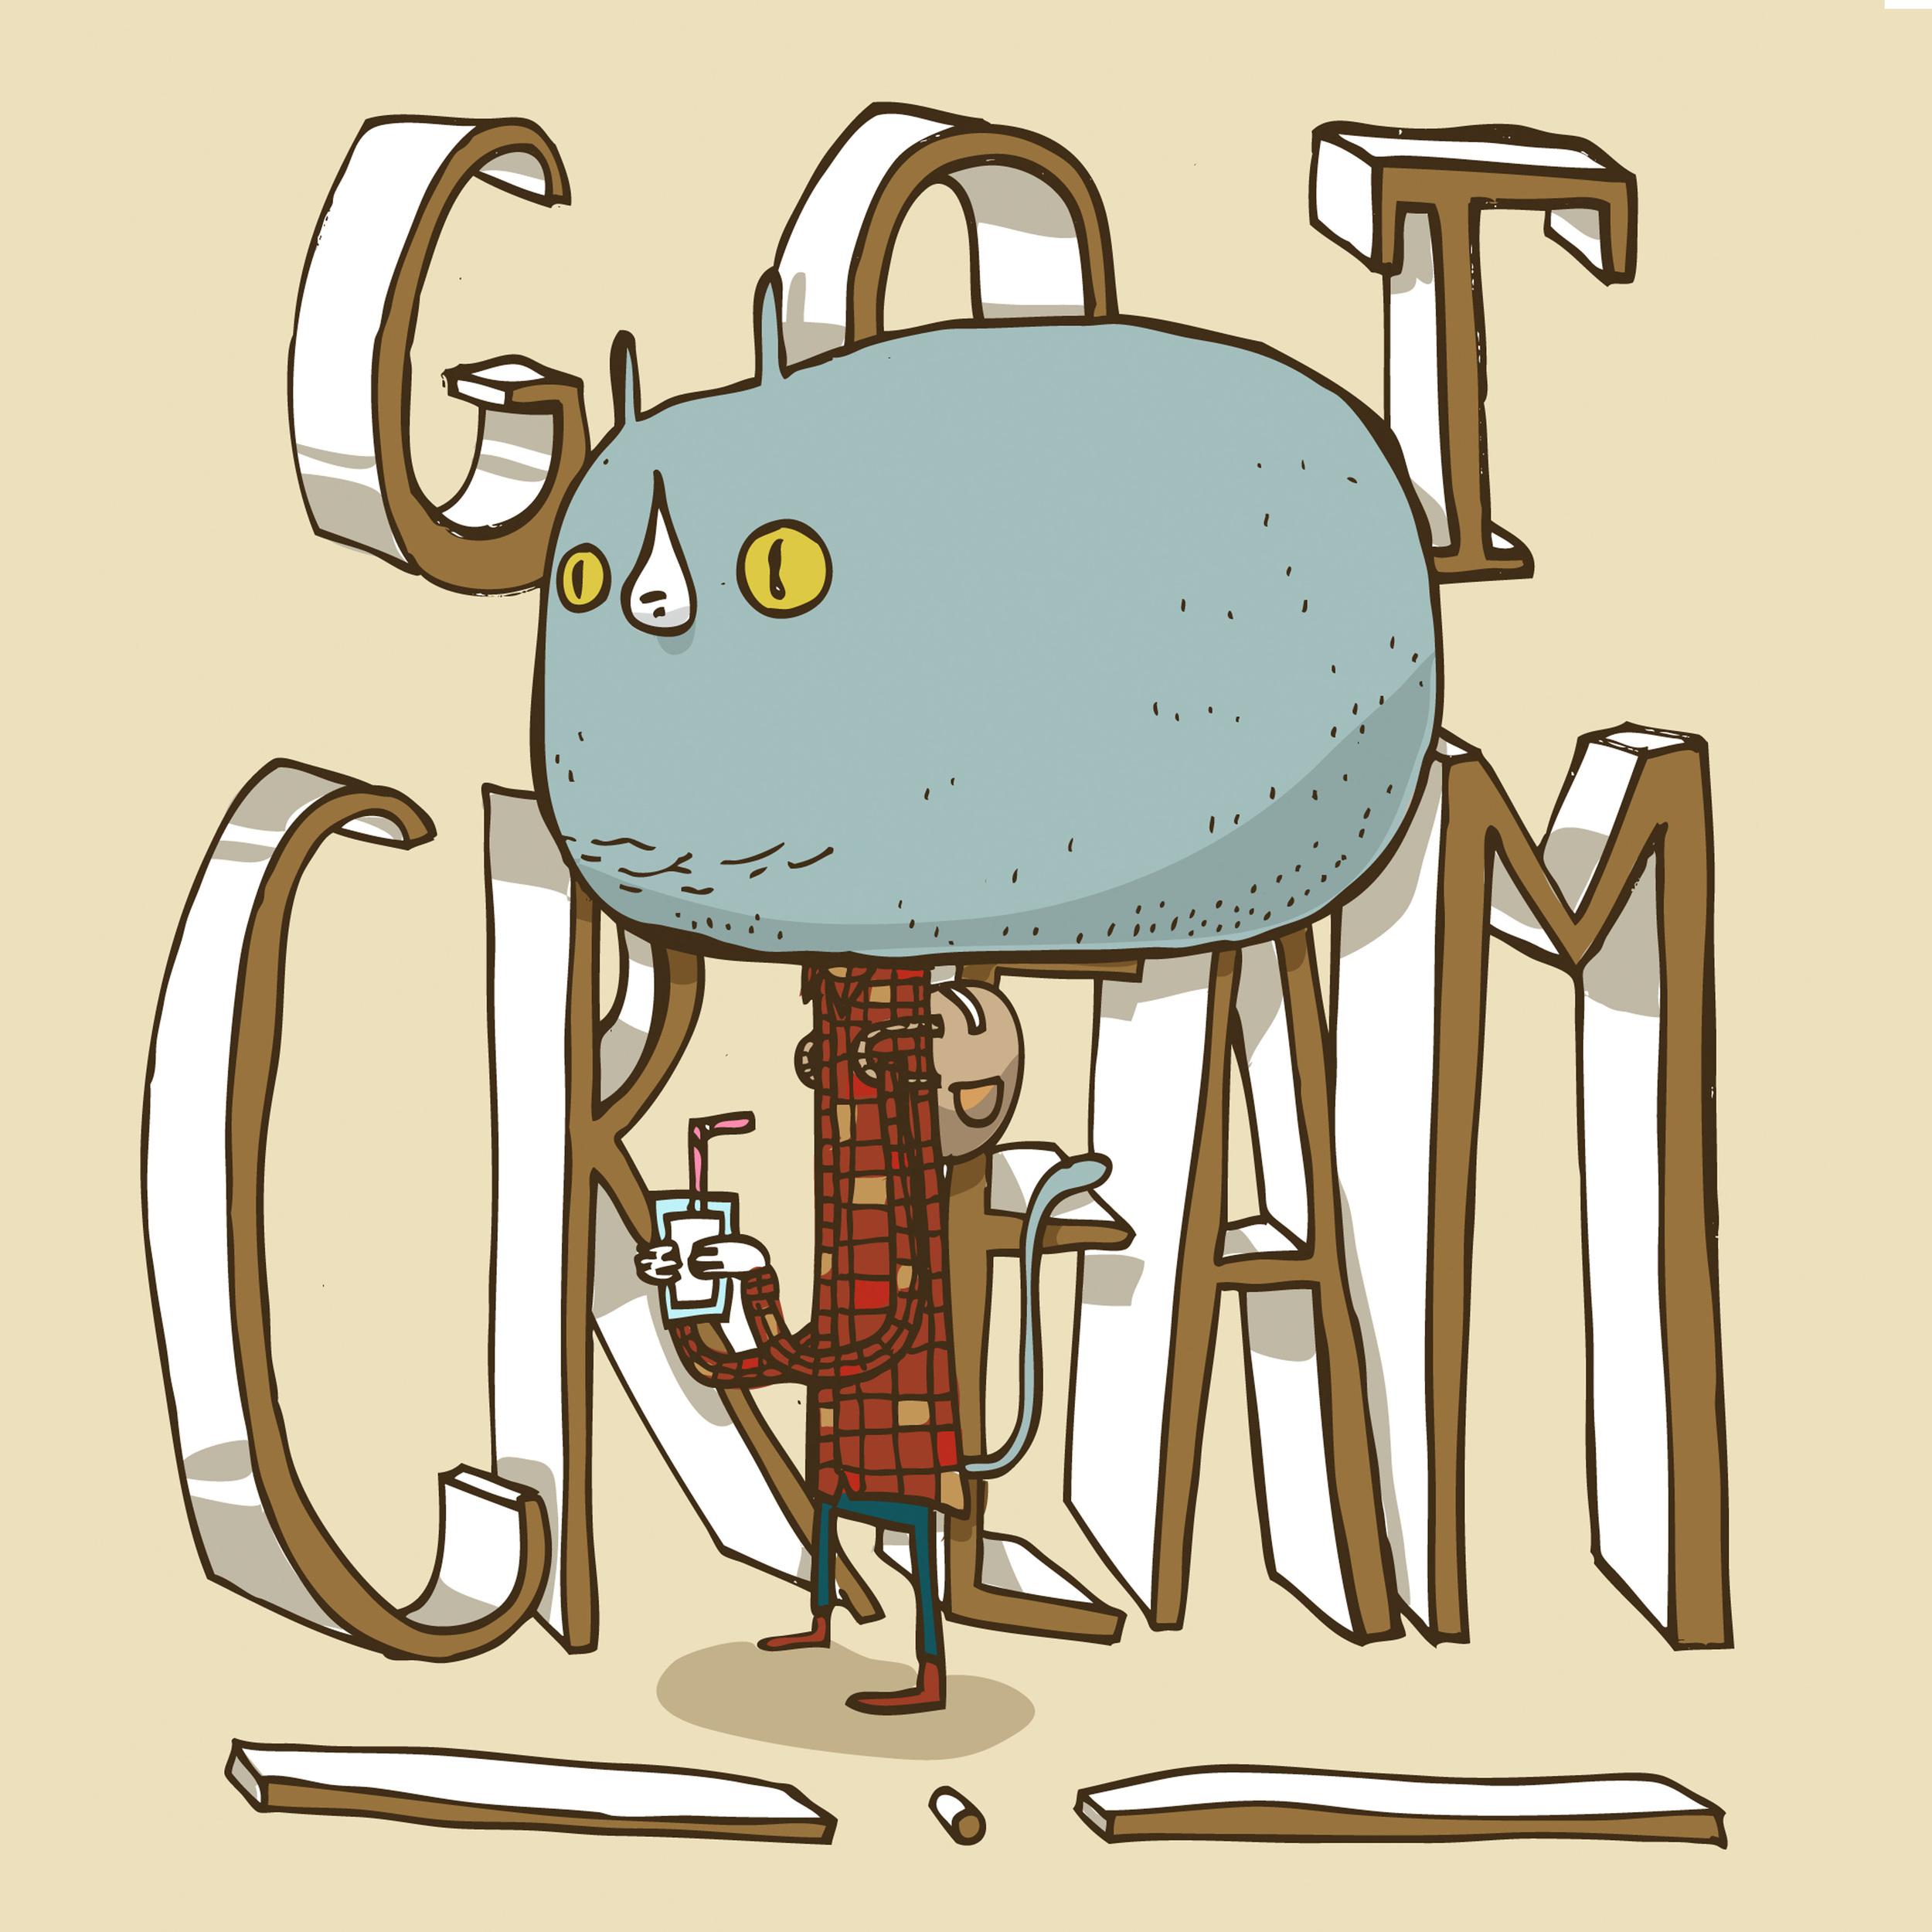 Got Cream